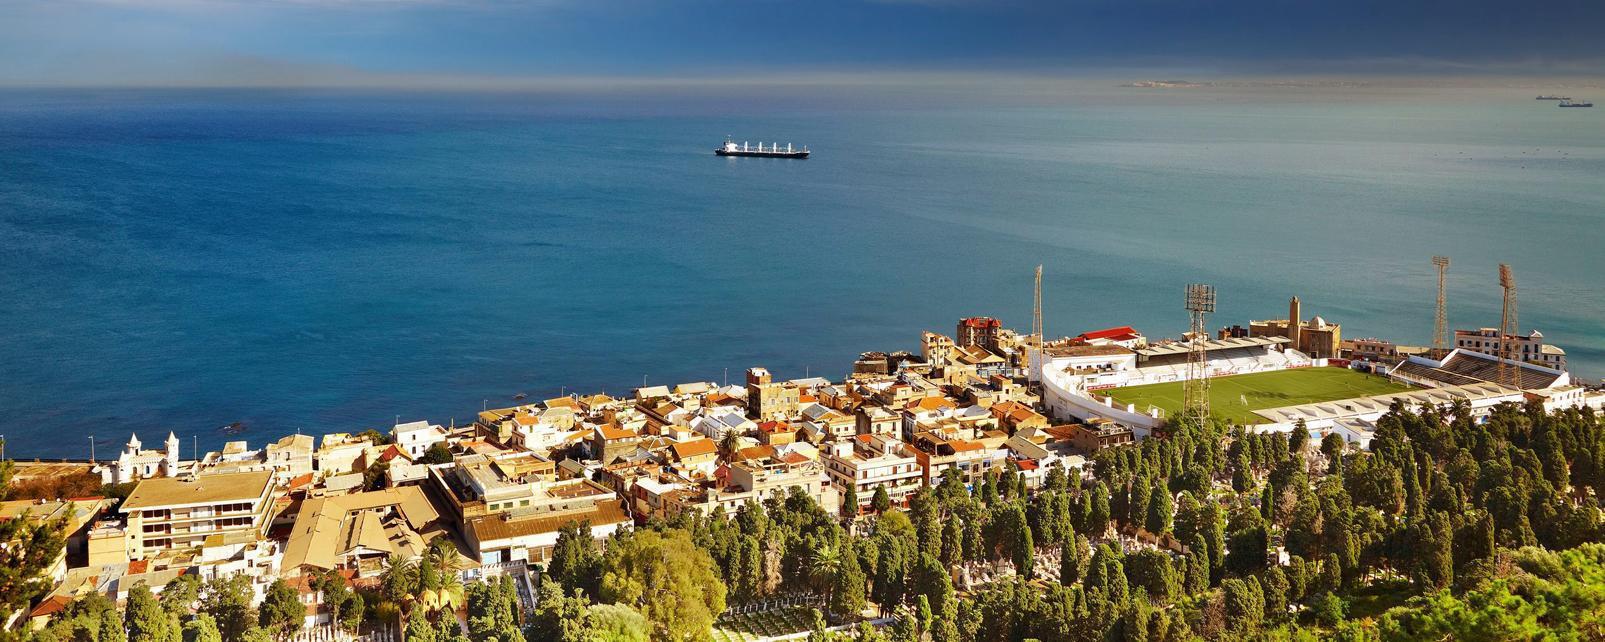 Afrique; Algérie; Alger; côte; ville; capitale; arbre; océan; bateau; bâtiment;